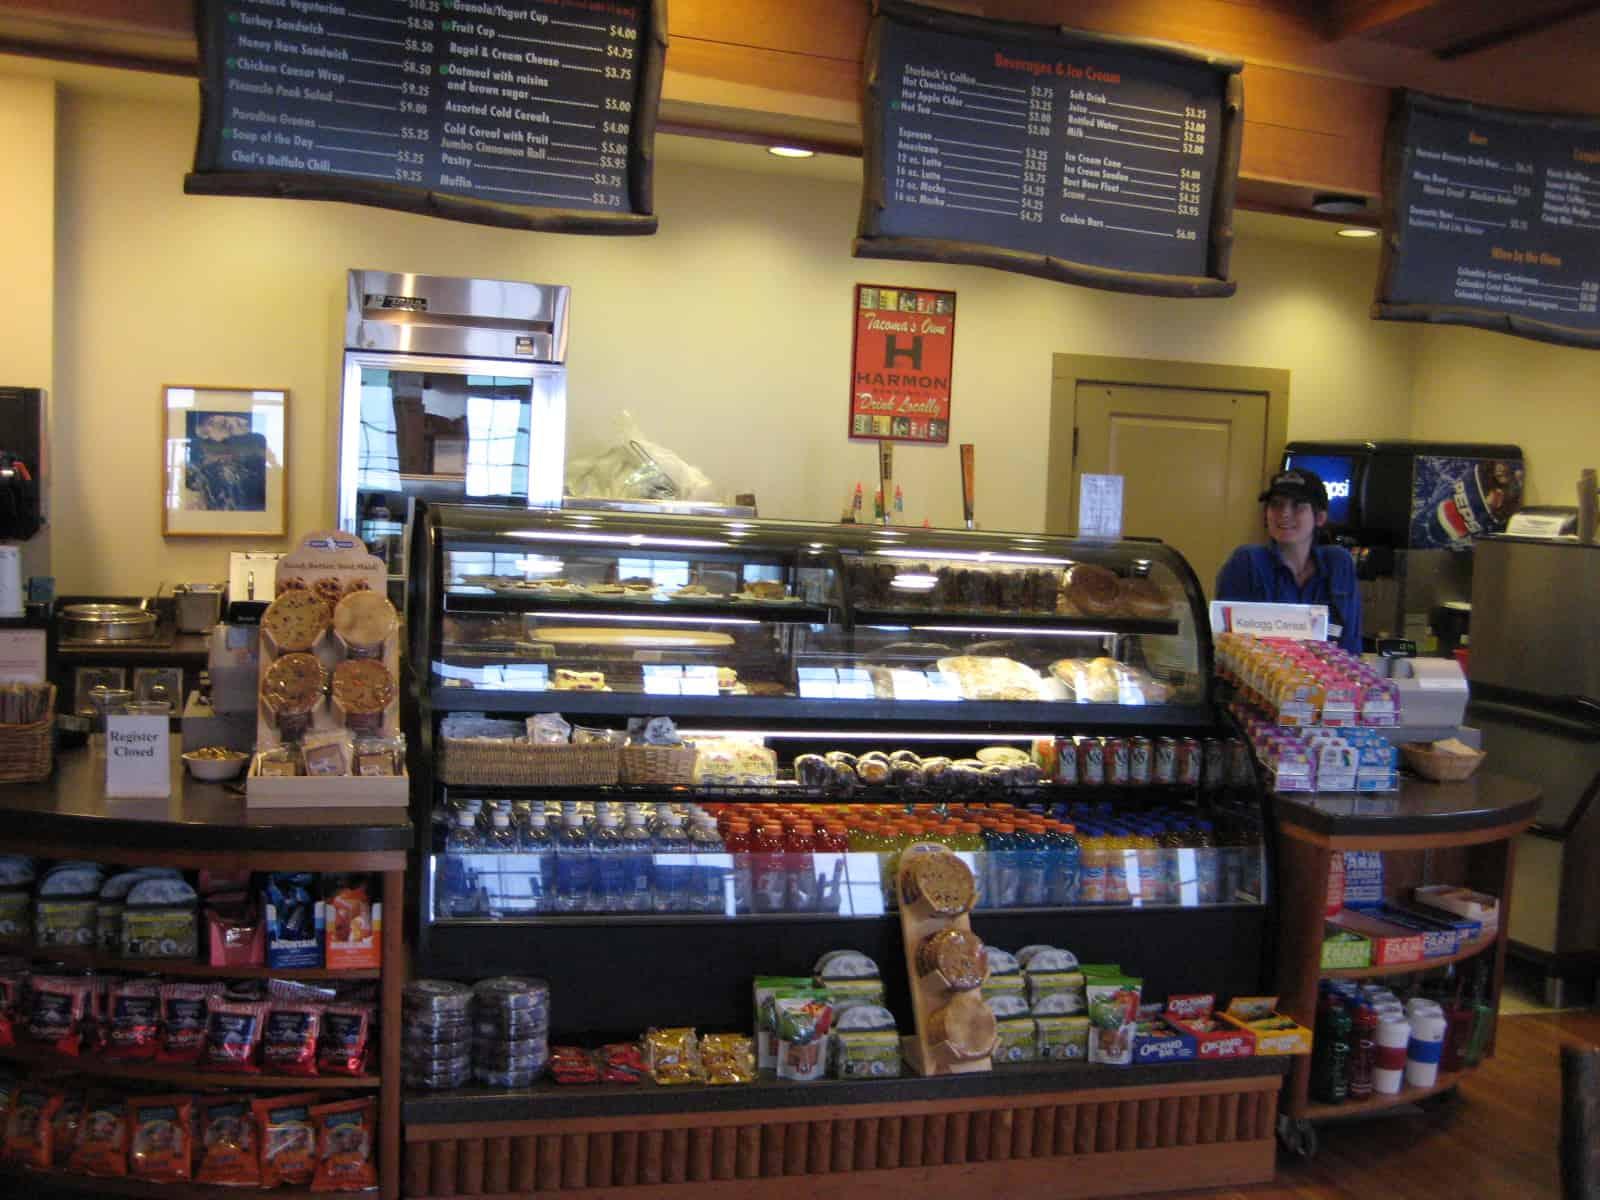 Display case at Tatoosh Cafe